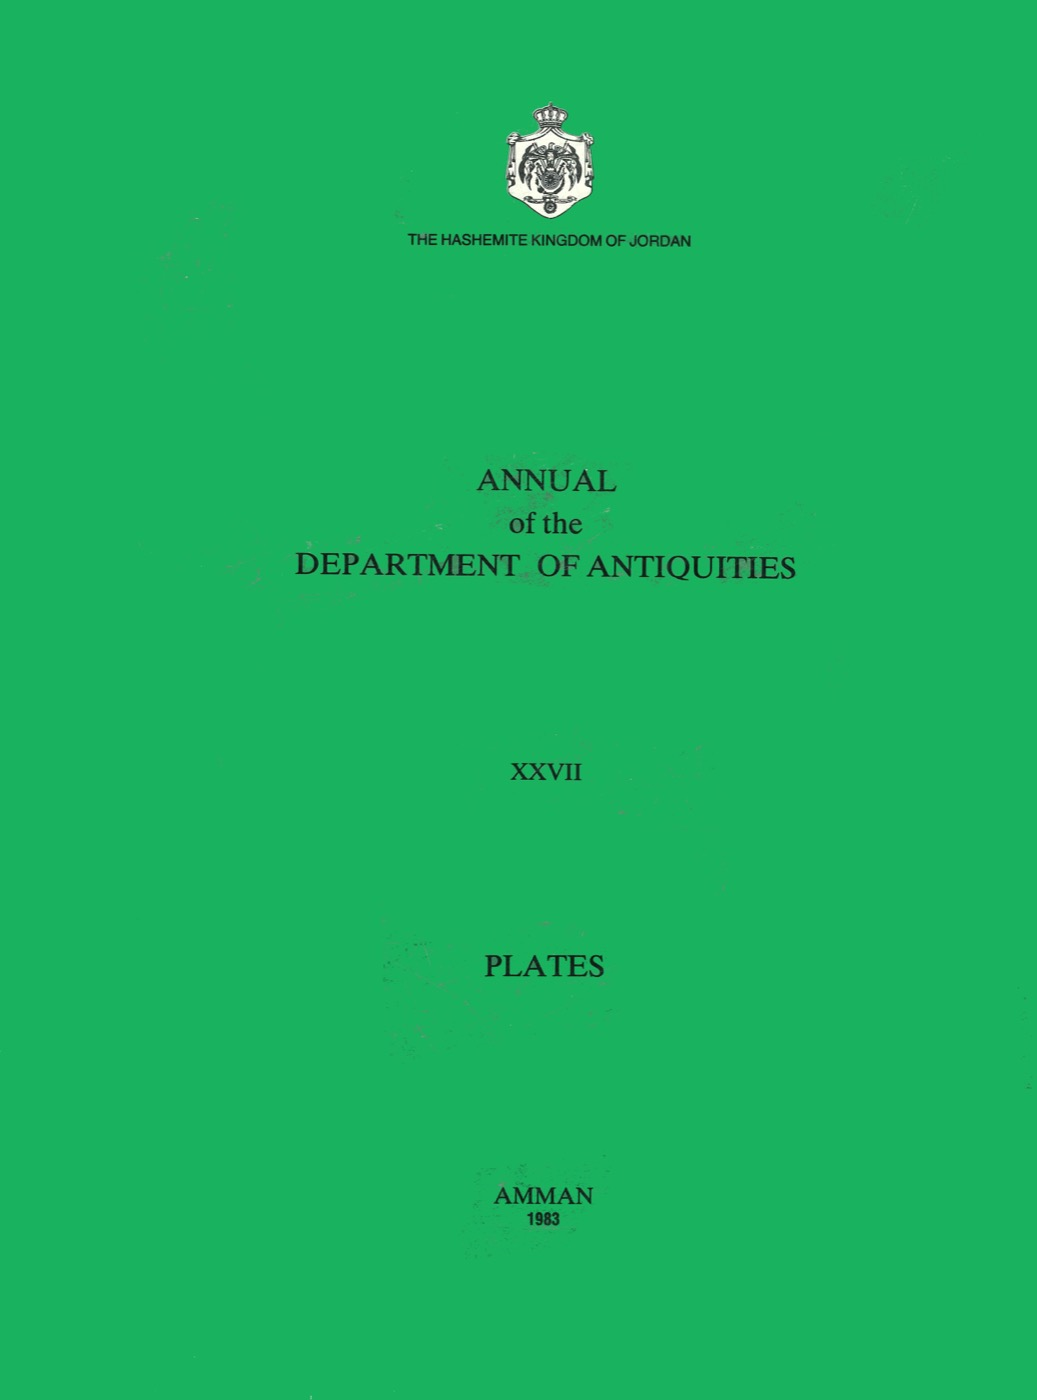 Najnowsza najlepszy wybór najlepiej sprzedający się AWOL - The Ancient World Online: Newly Open Access Journal ...